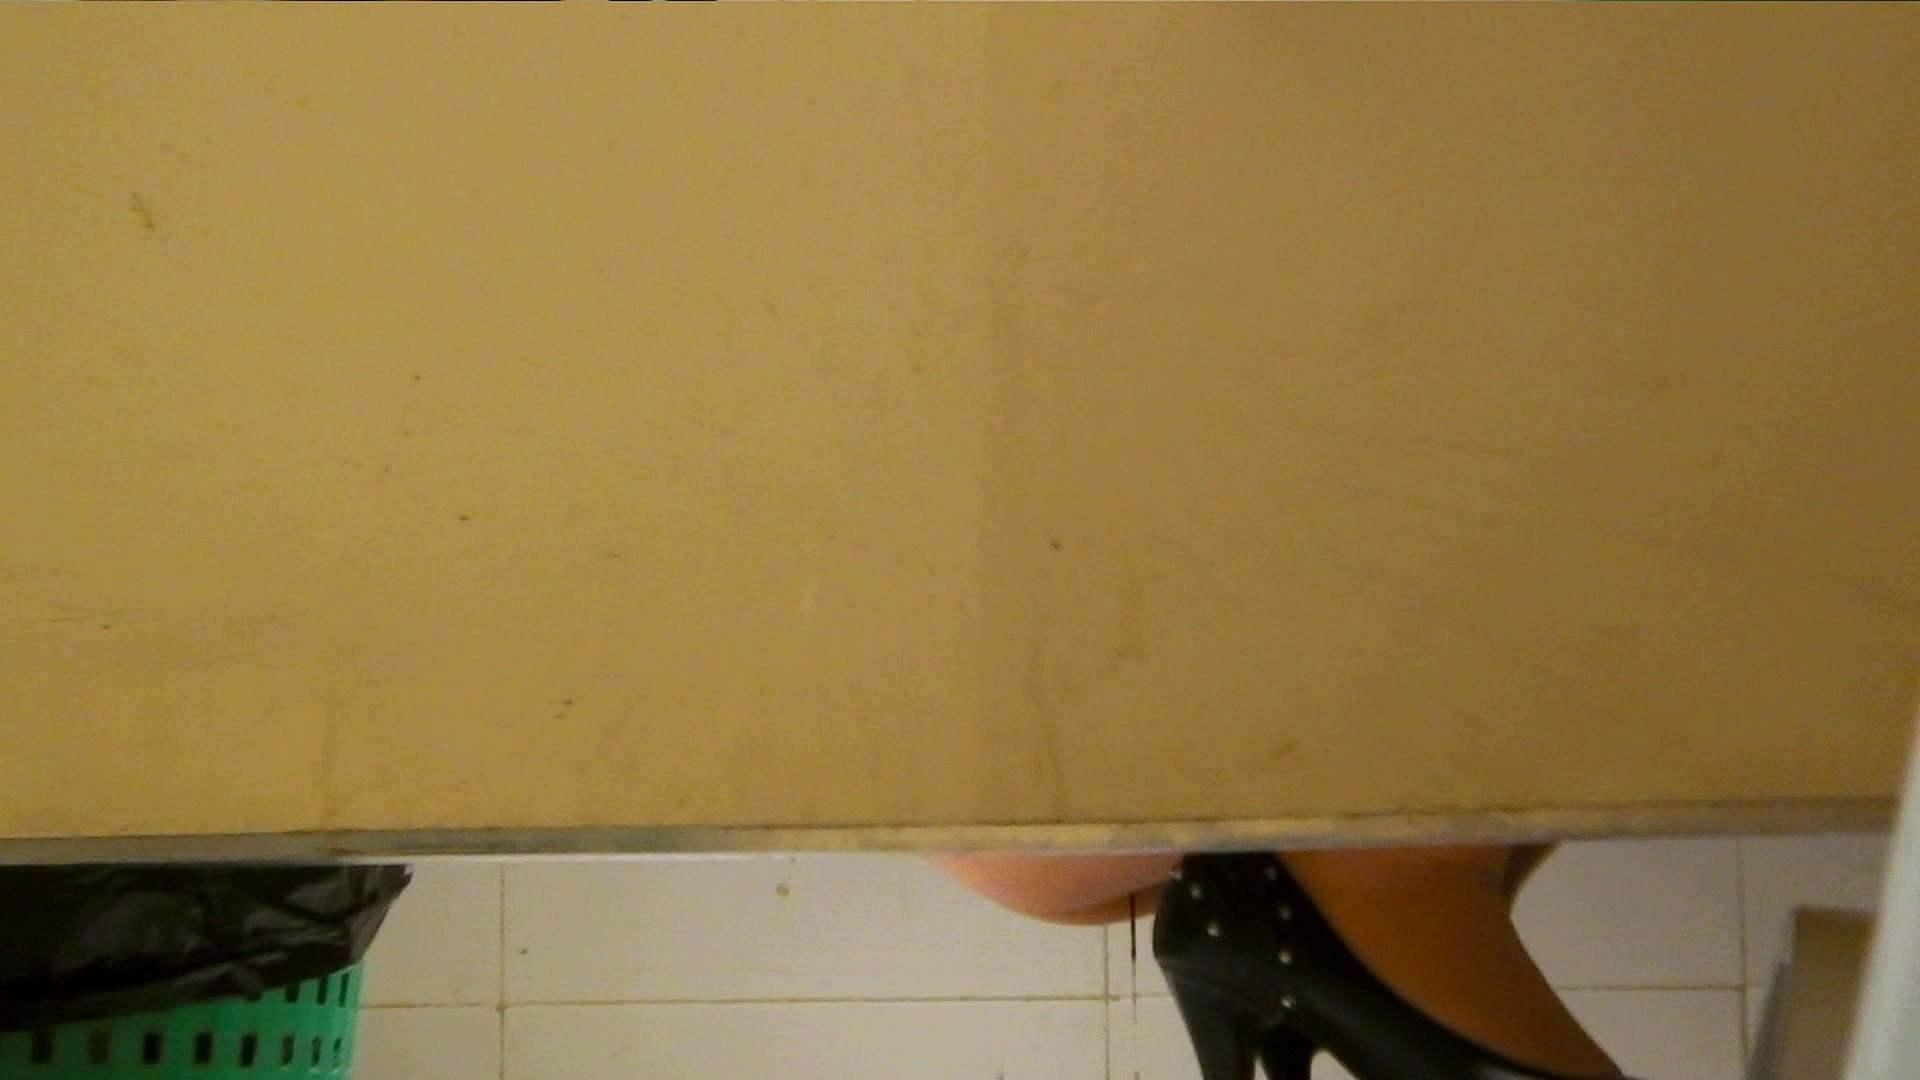 洗寿観音さんの 化粧室は四面楚歌Nol.4 洗面所 | エッチすぎるOL達  55連発 3